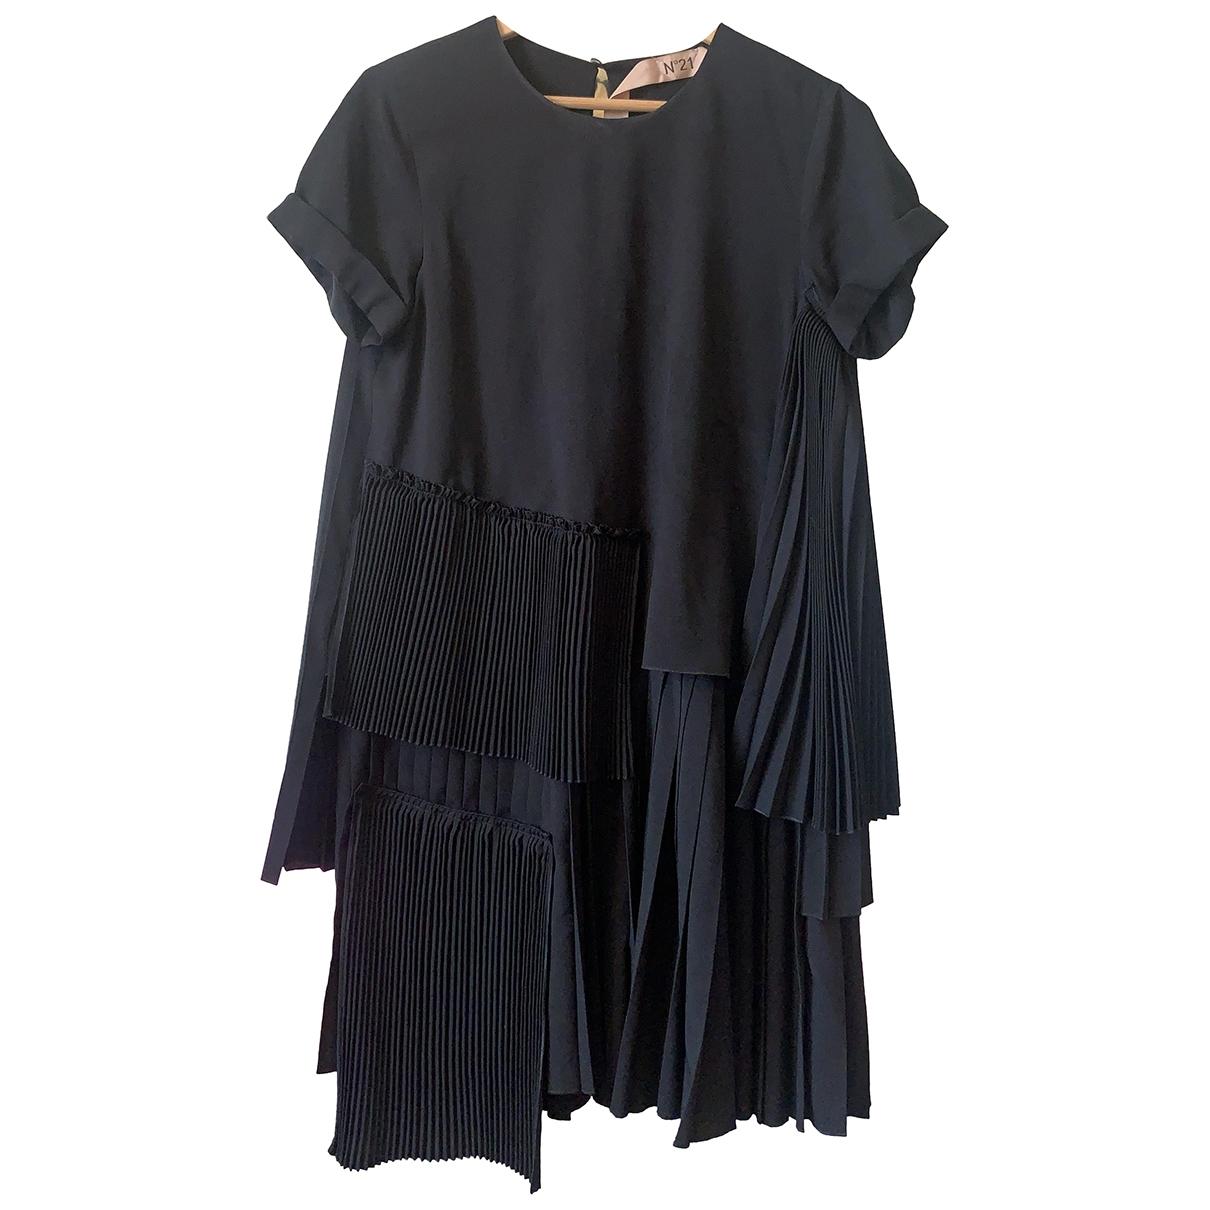 N°21 \N Kleid in  Schwarz Polyester